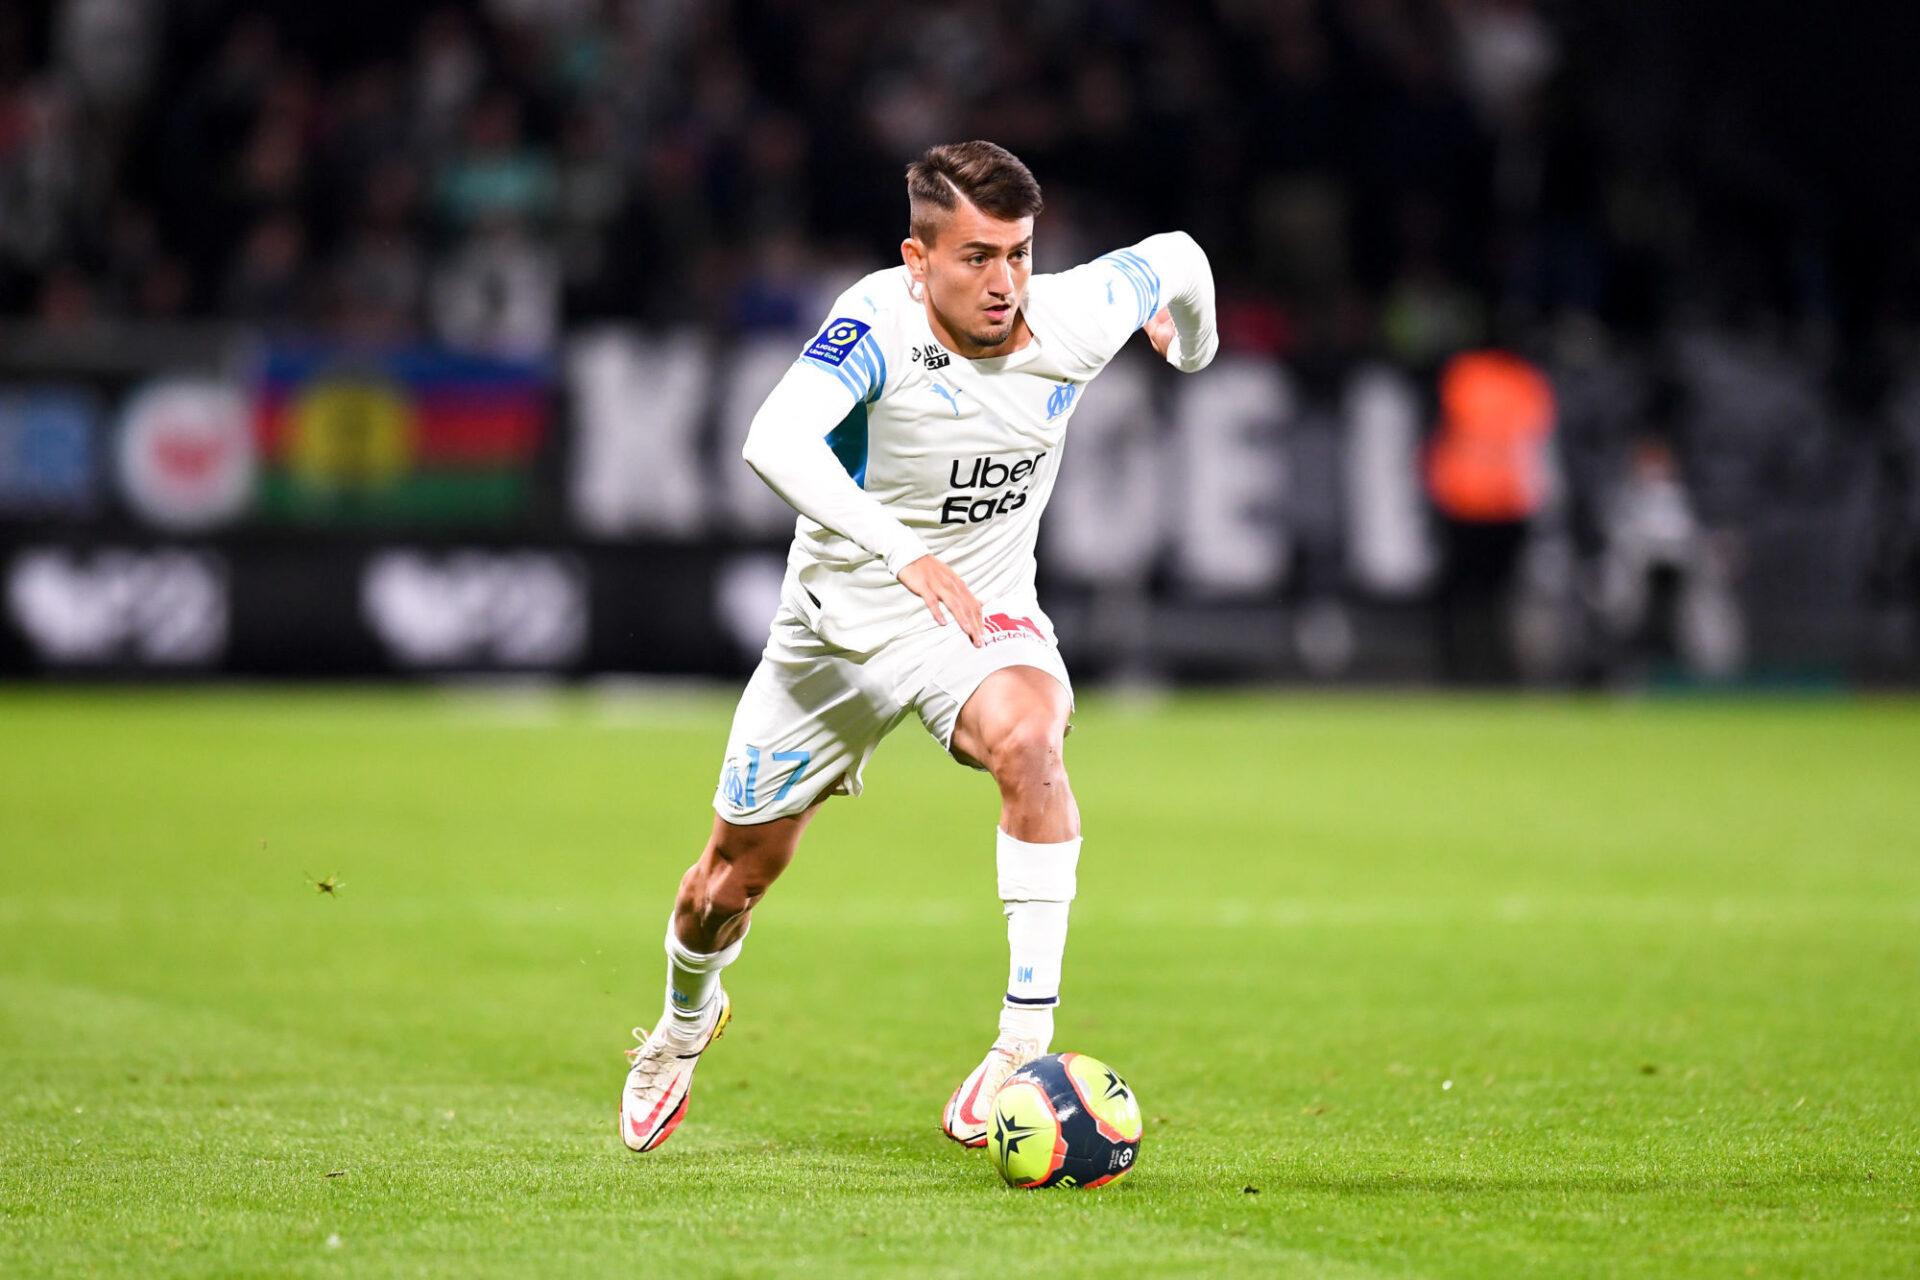 Cengiz Ünder a déjà marqué 4 buts en 8 matchs pour l'OM cette saison. Icon Sport